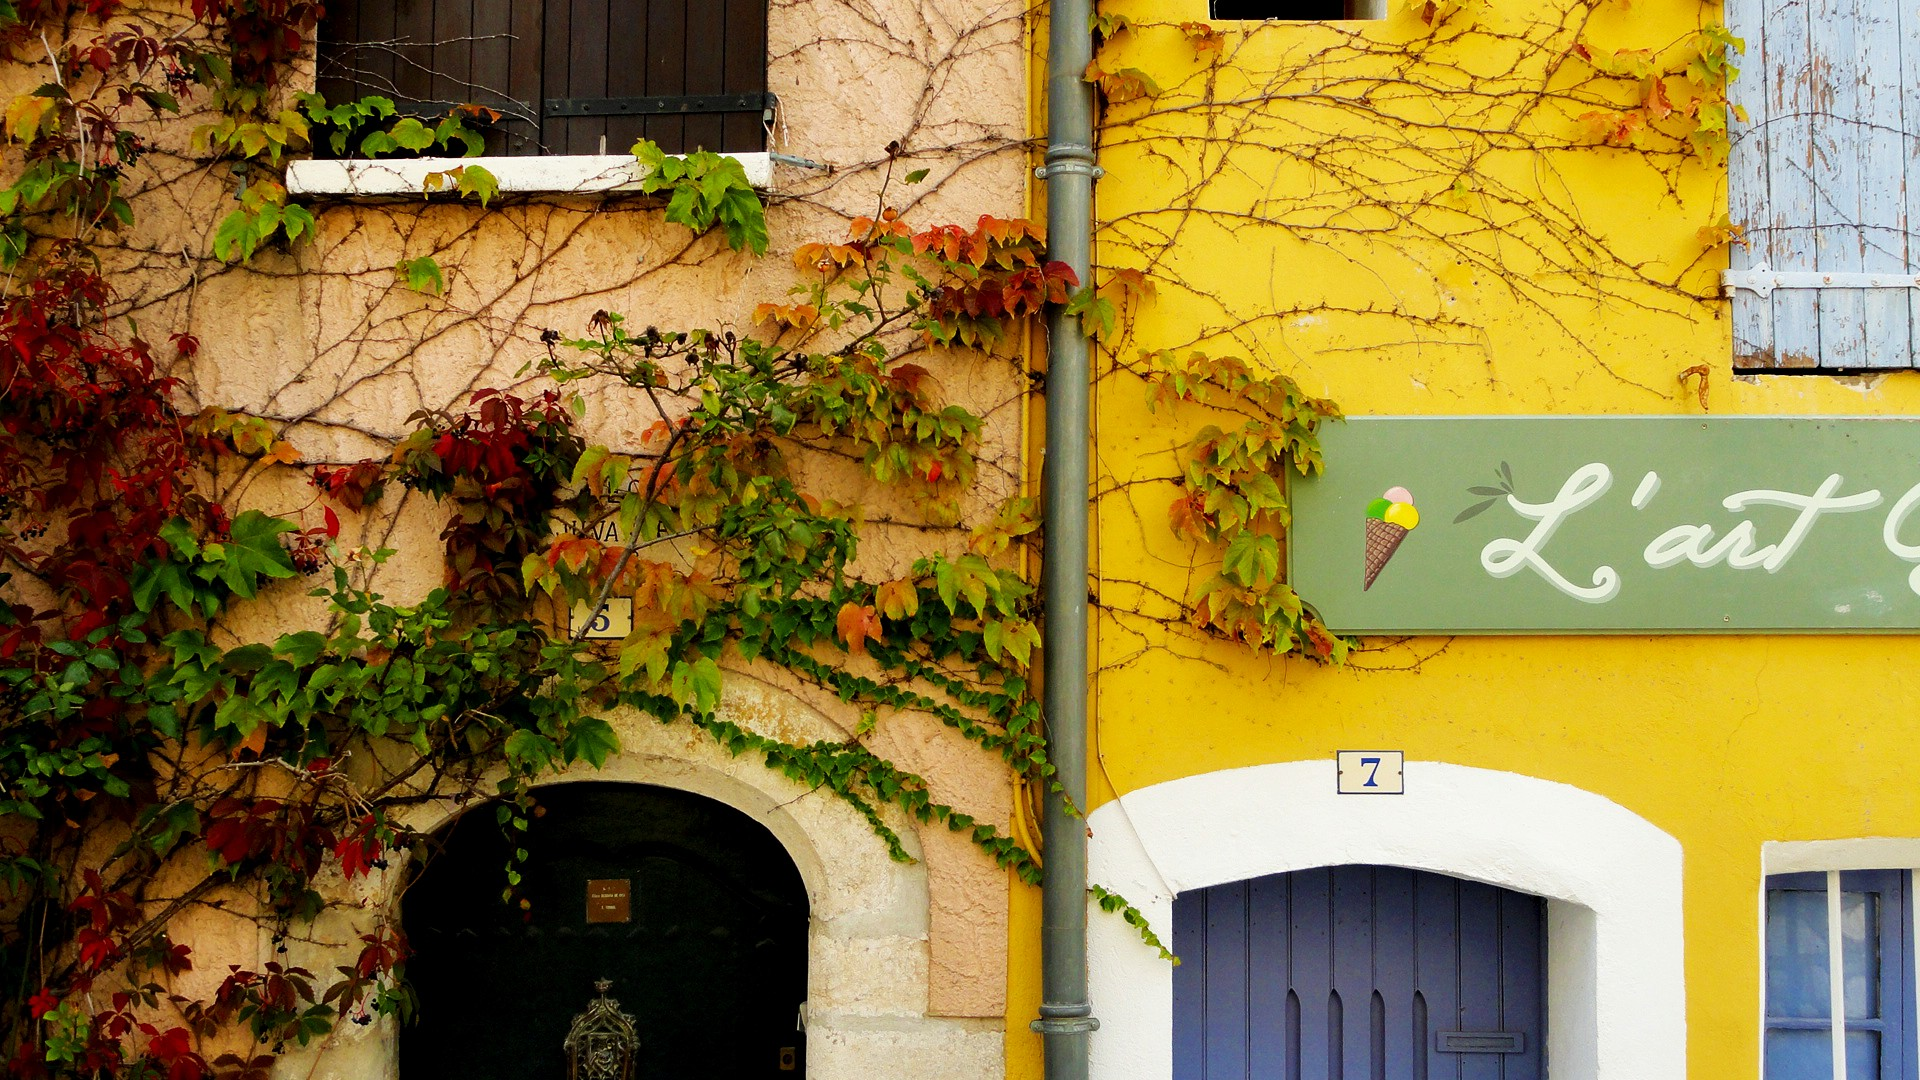 Quelques jours dans le Sud - Le Castellet